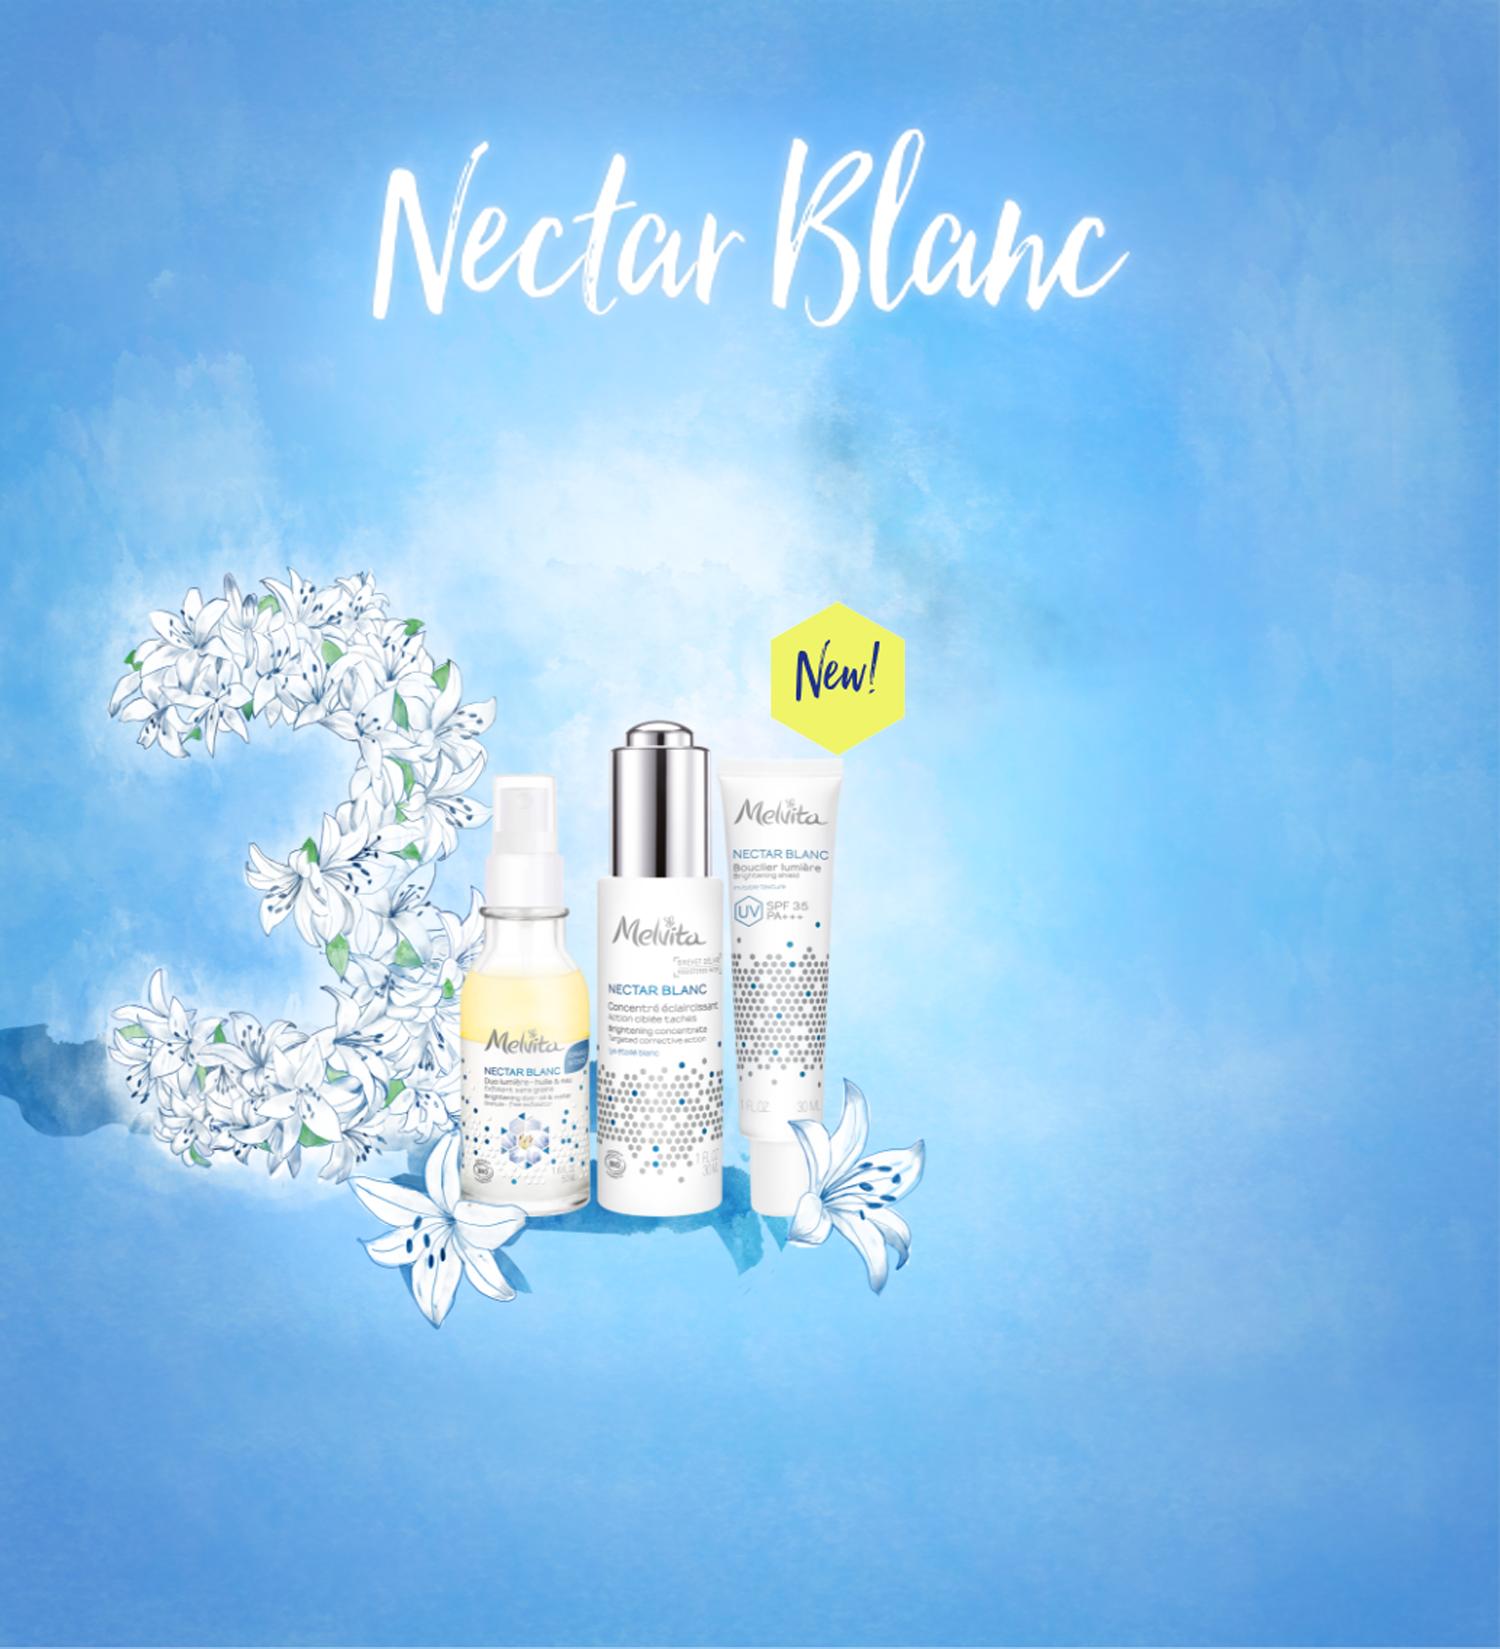 Nectar Blanc 美白光感3倍提升